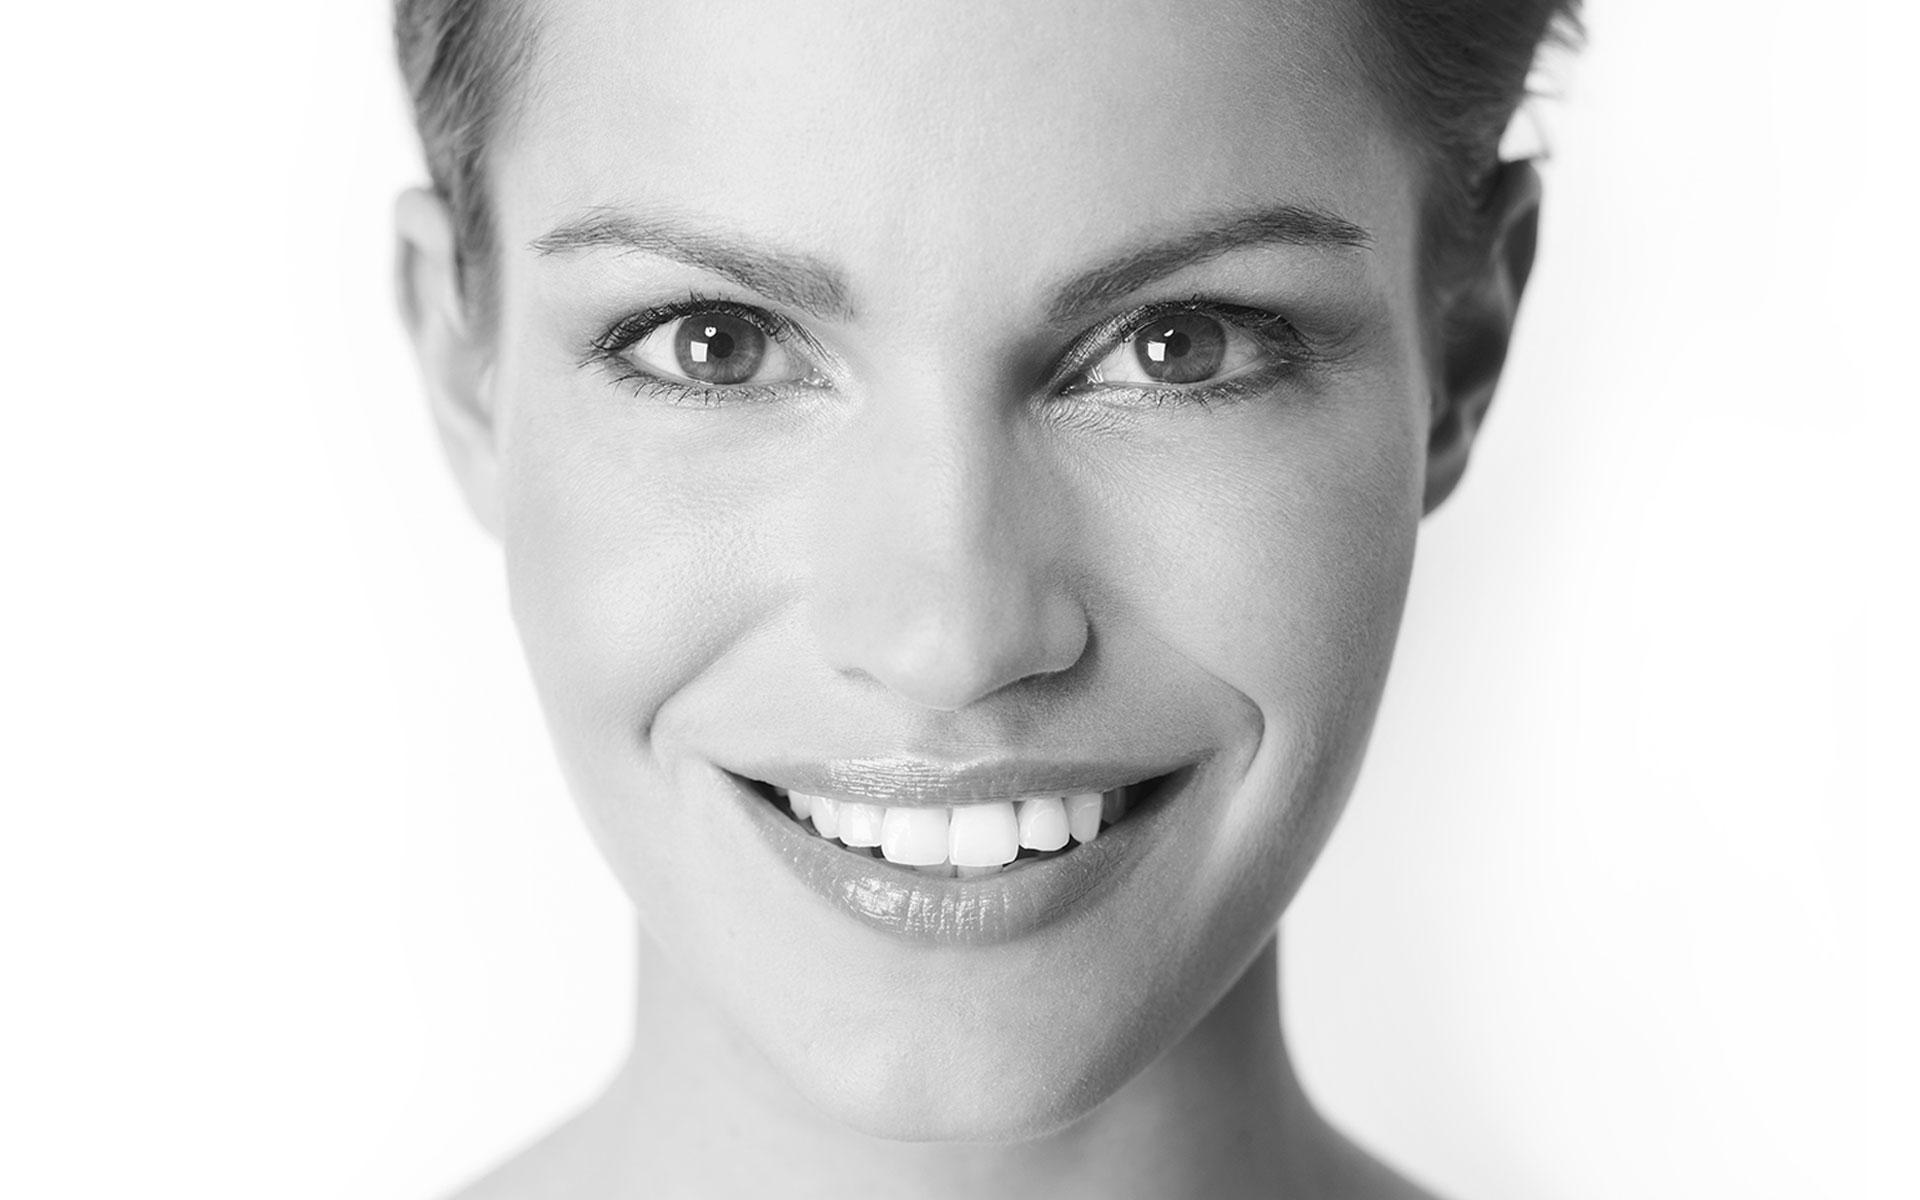 Gesichtsbehandlungen Gegen Falten Doppelkinn Altershaut